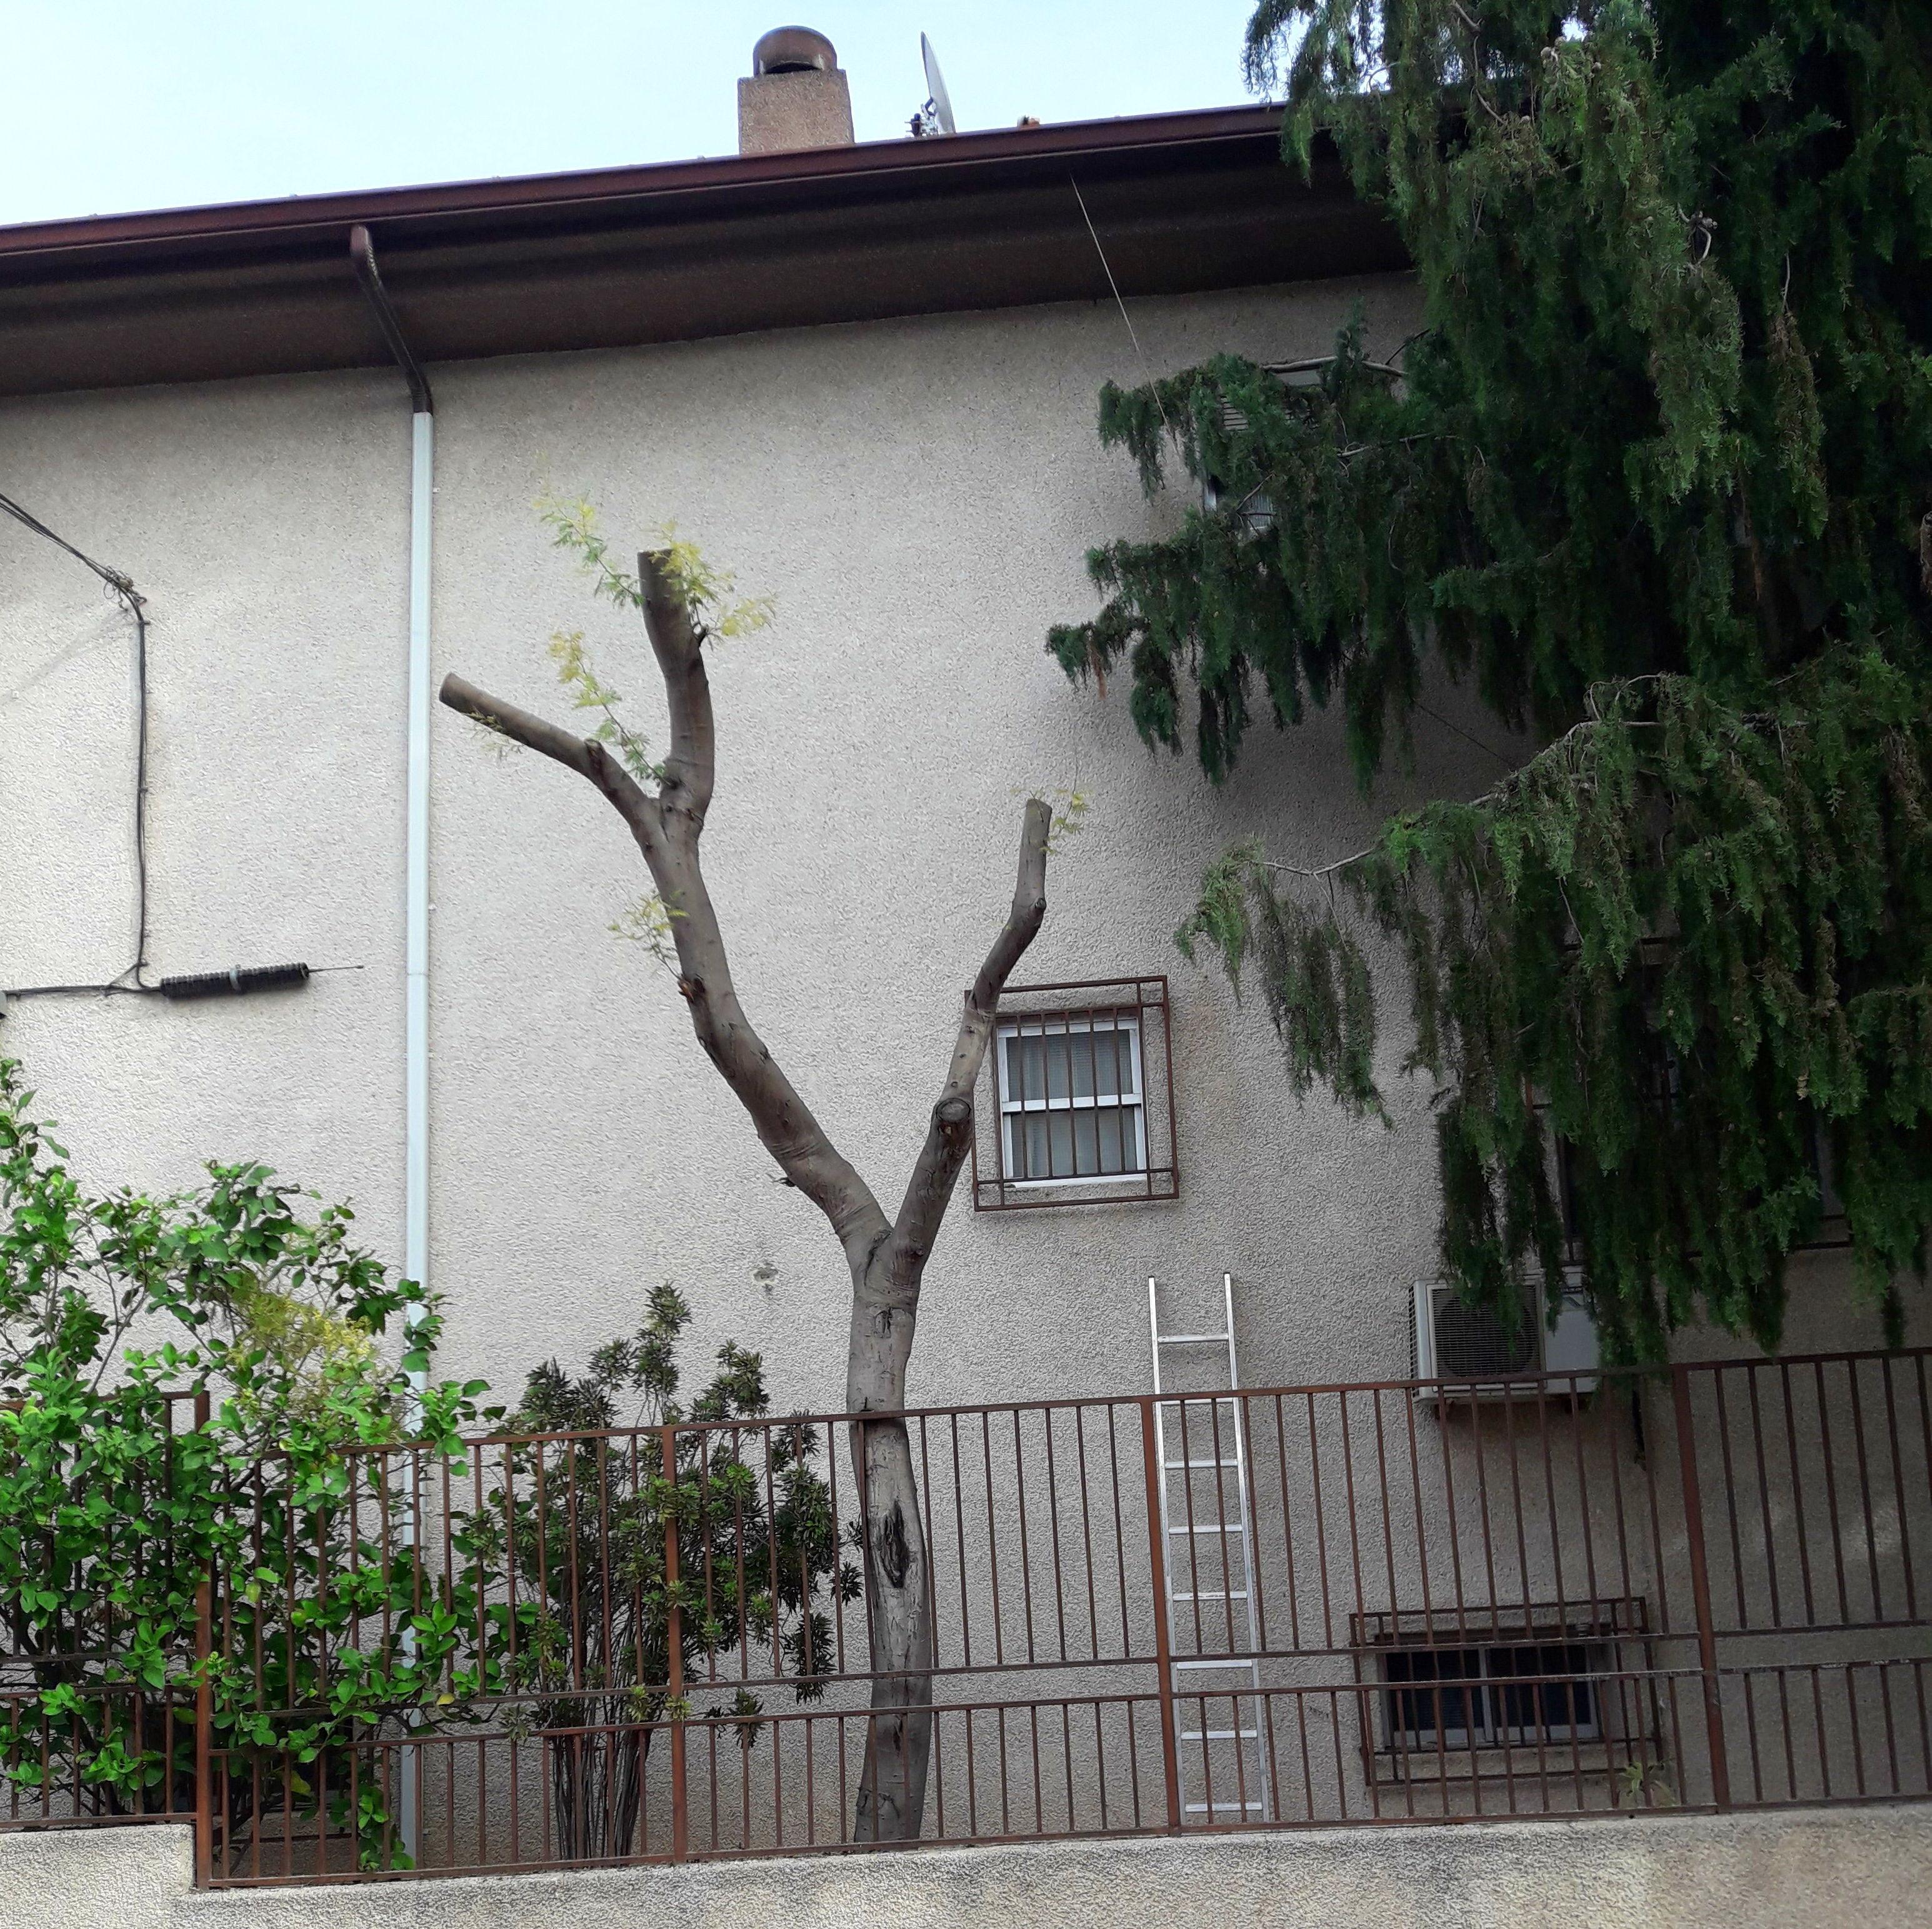 Poda de árbol en Molina del Segura